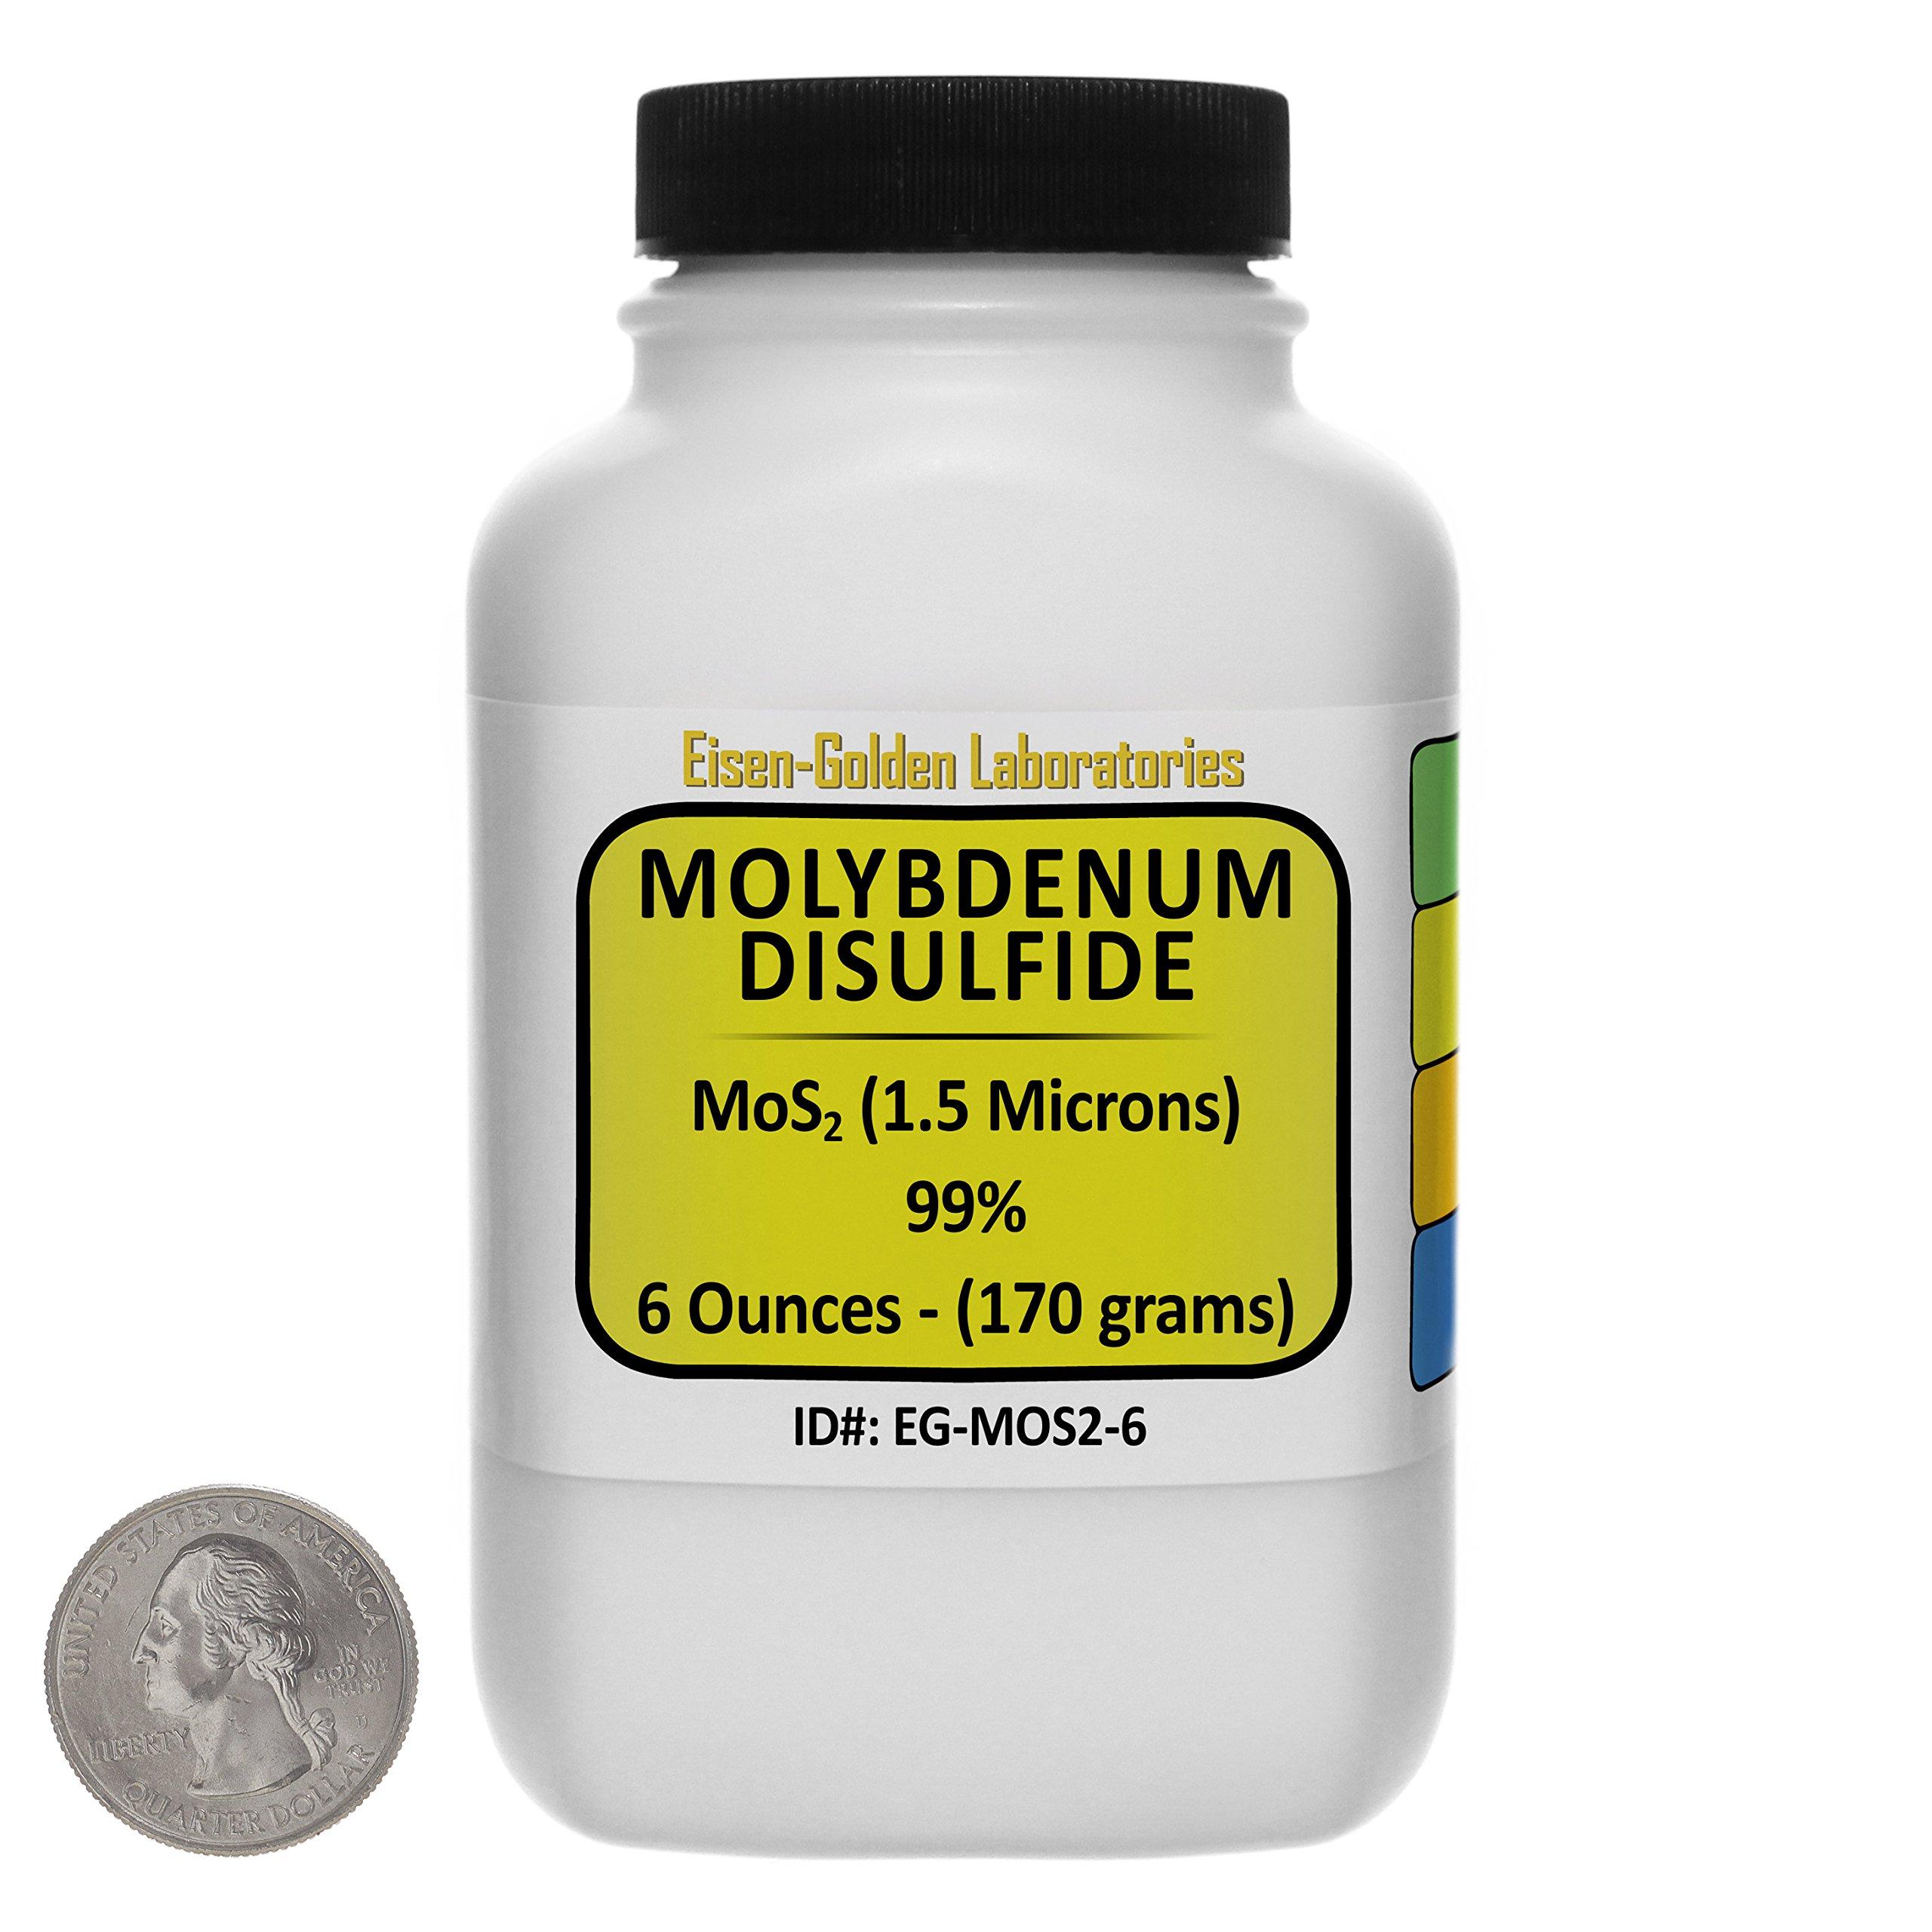 Molybdenum Disulfide [MoS2] 99% AR Grade Powder 6 Oz in a Space-Saver Bottle USA